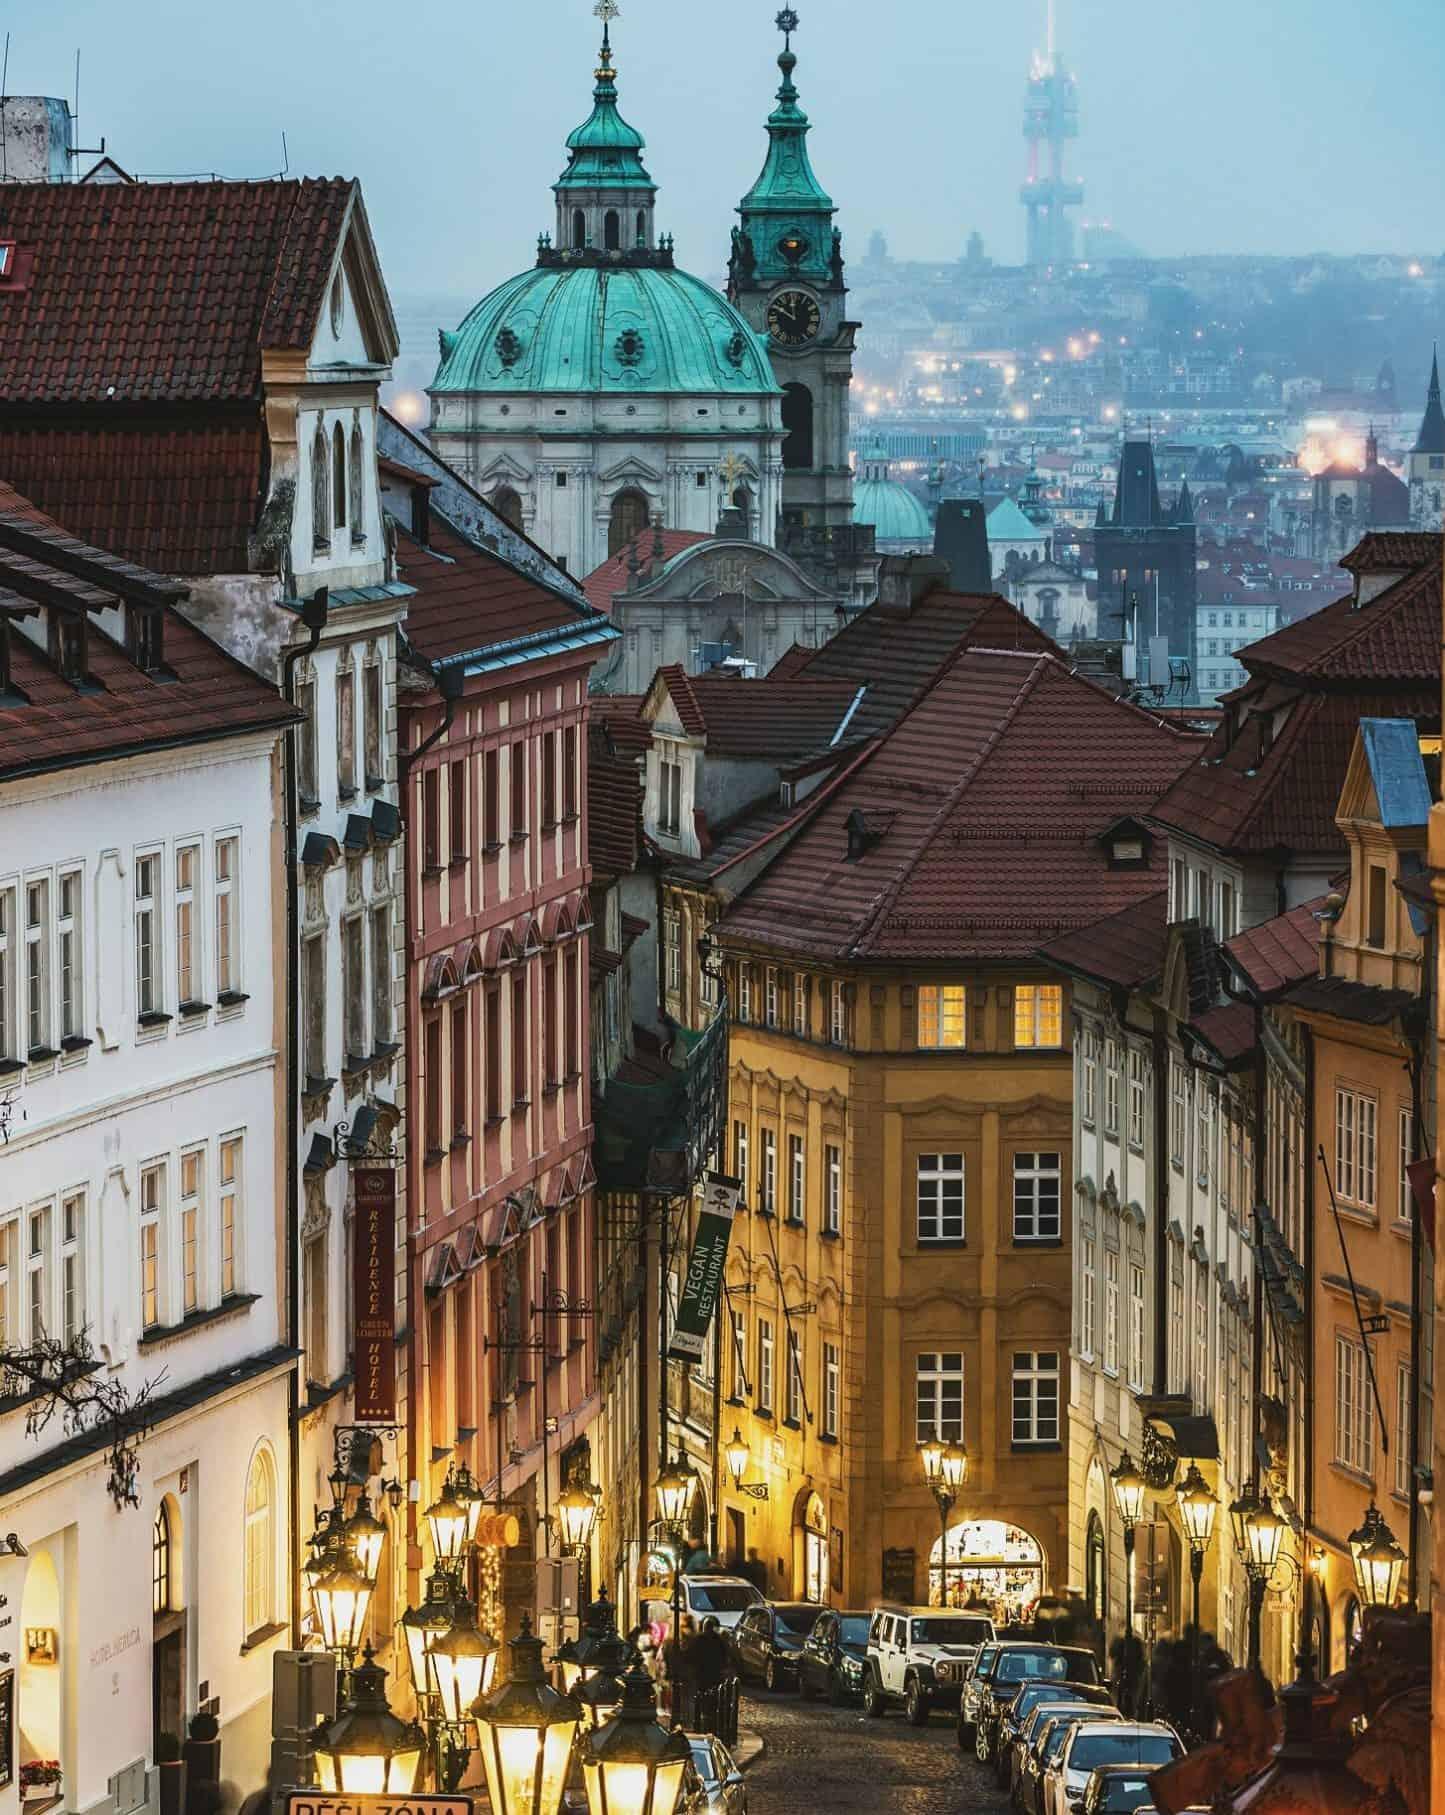 Чехия Прага Туры и цены Главные достопримечательности и секреты города